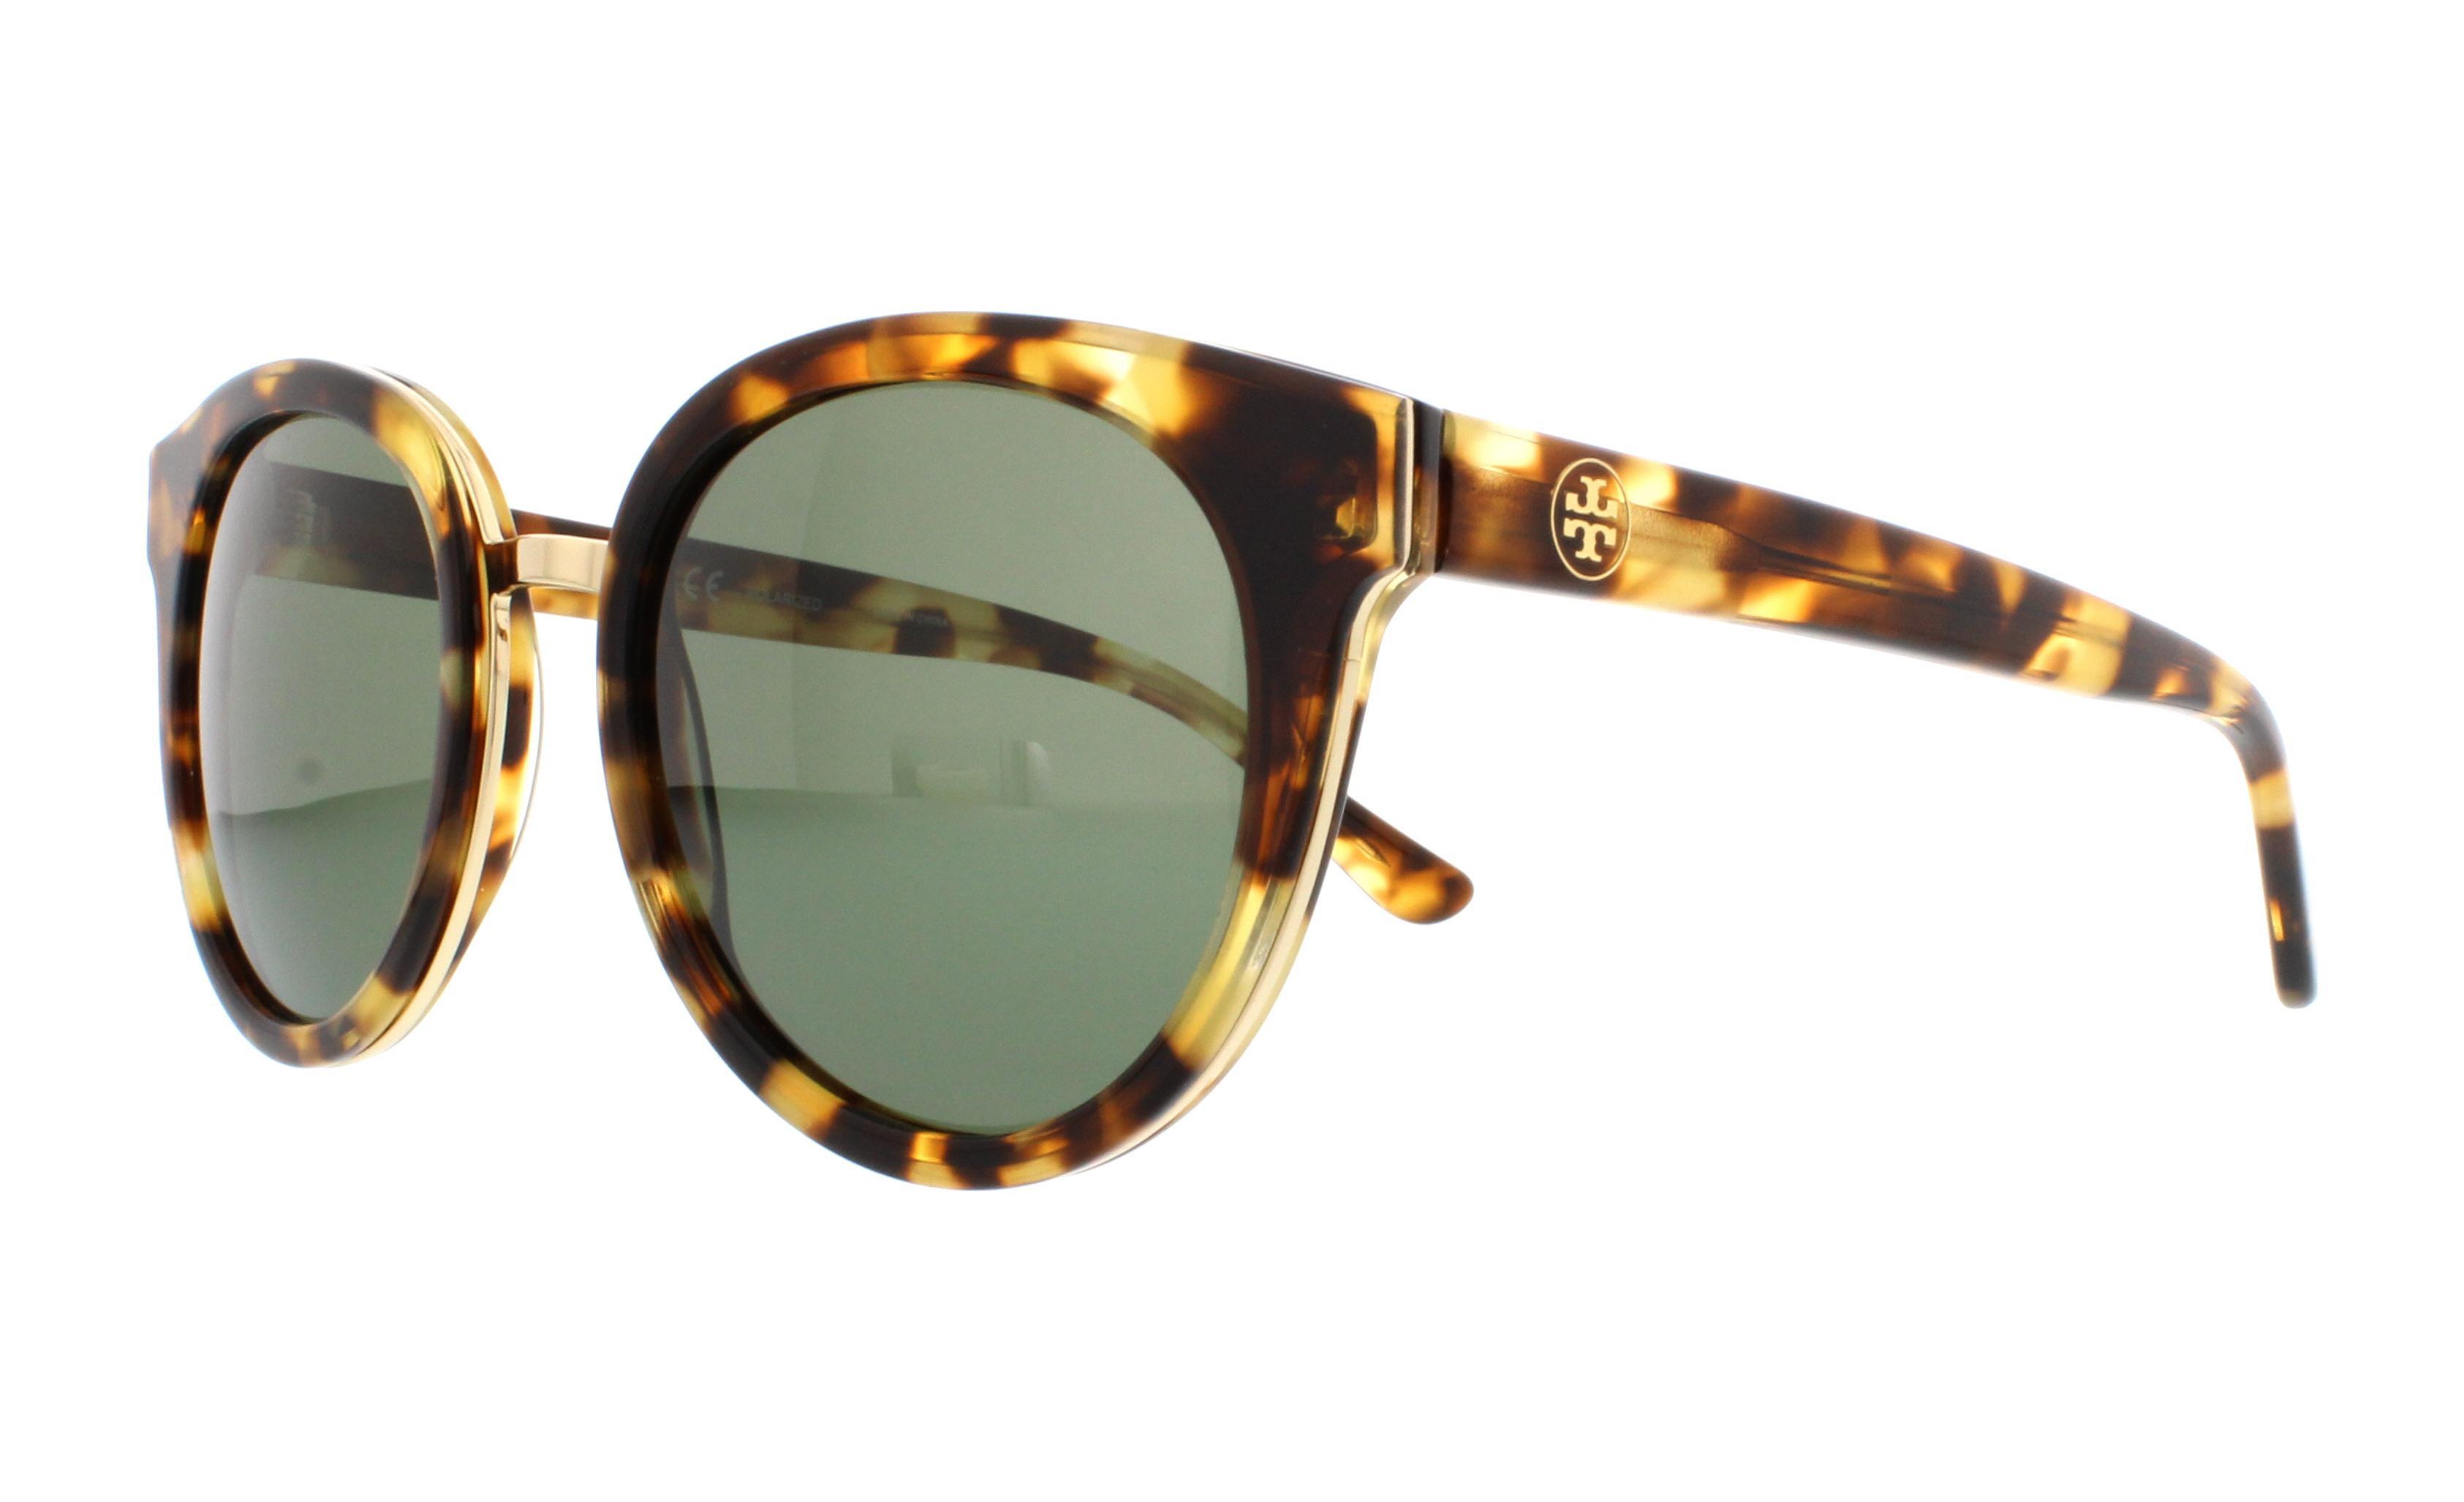 cbd17ee30af6 Designer Frames Outlet. Tory Burch TY7062 Panama